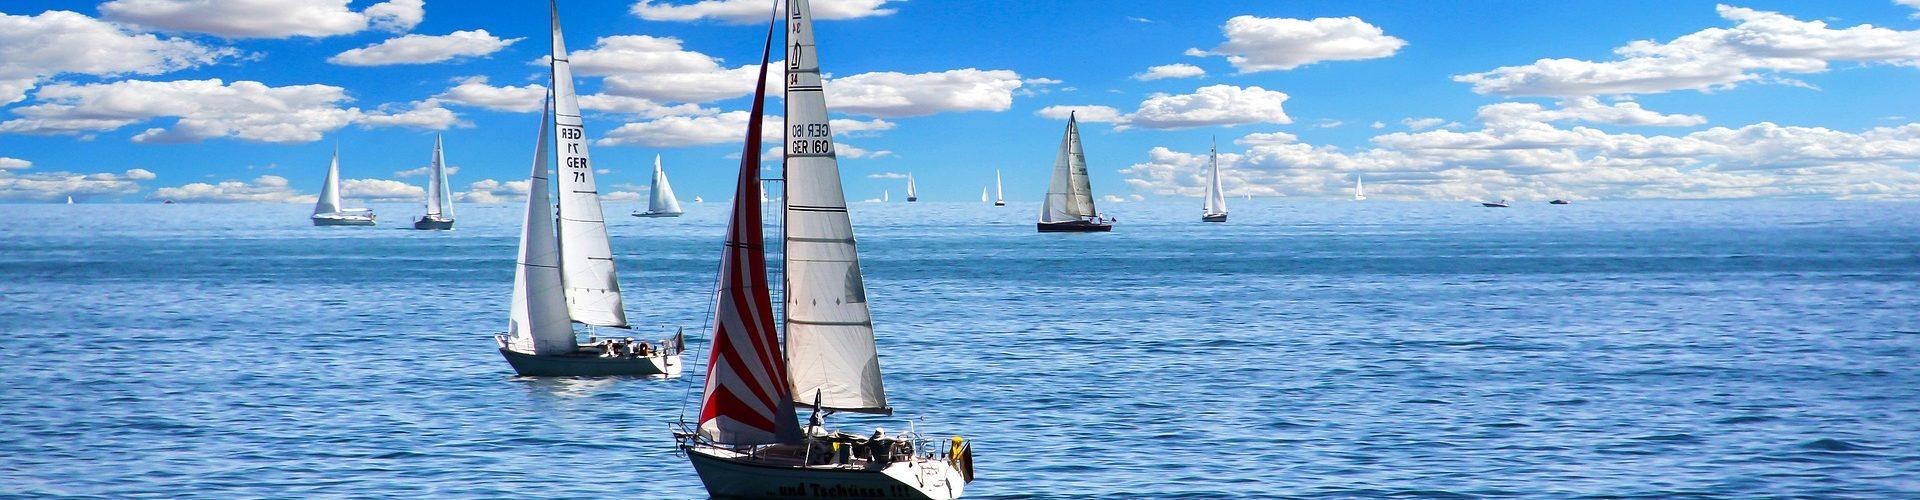 segeln lernen in Rheinsberg Zühlen segelschein machen in Rheinsberg Zühlen 1920x500 - Segeln lernen in Rheinsberg Zühlen